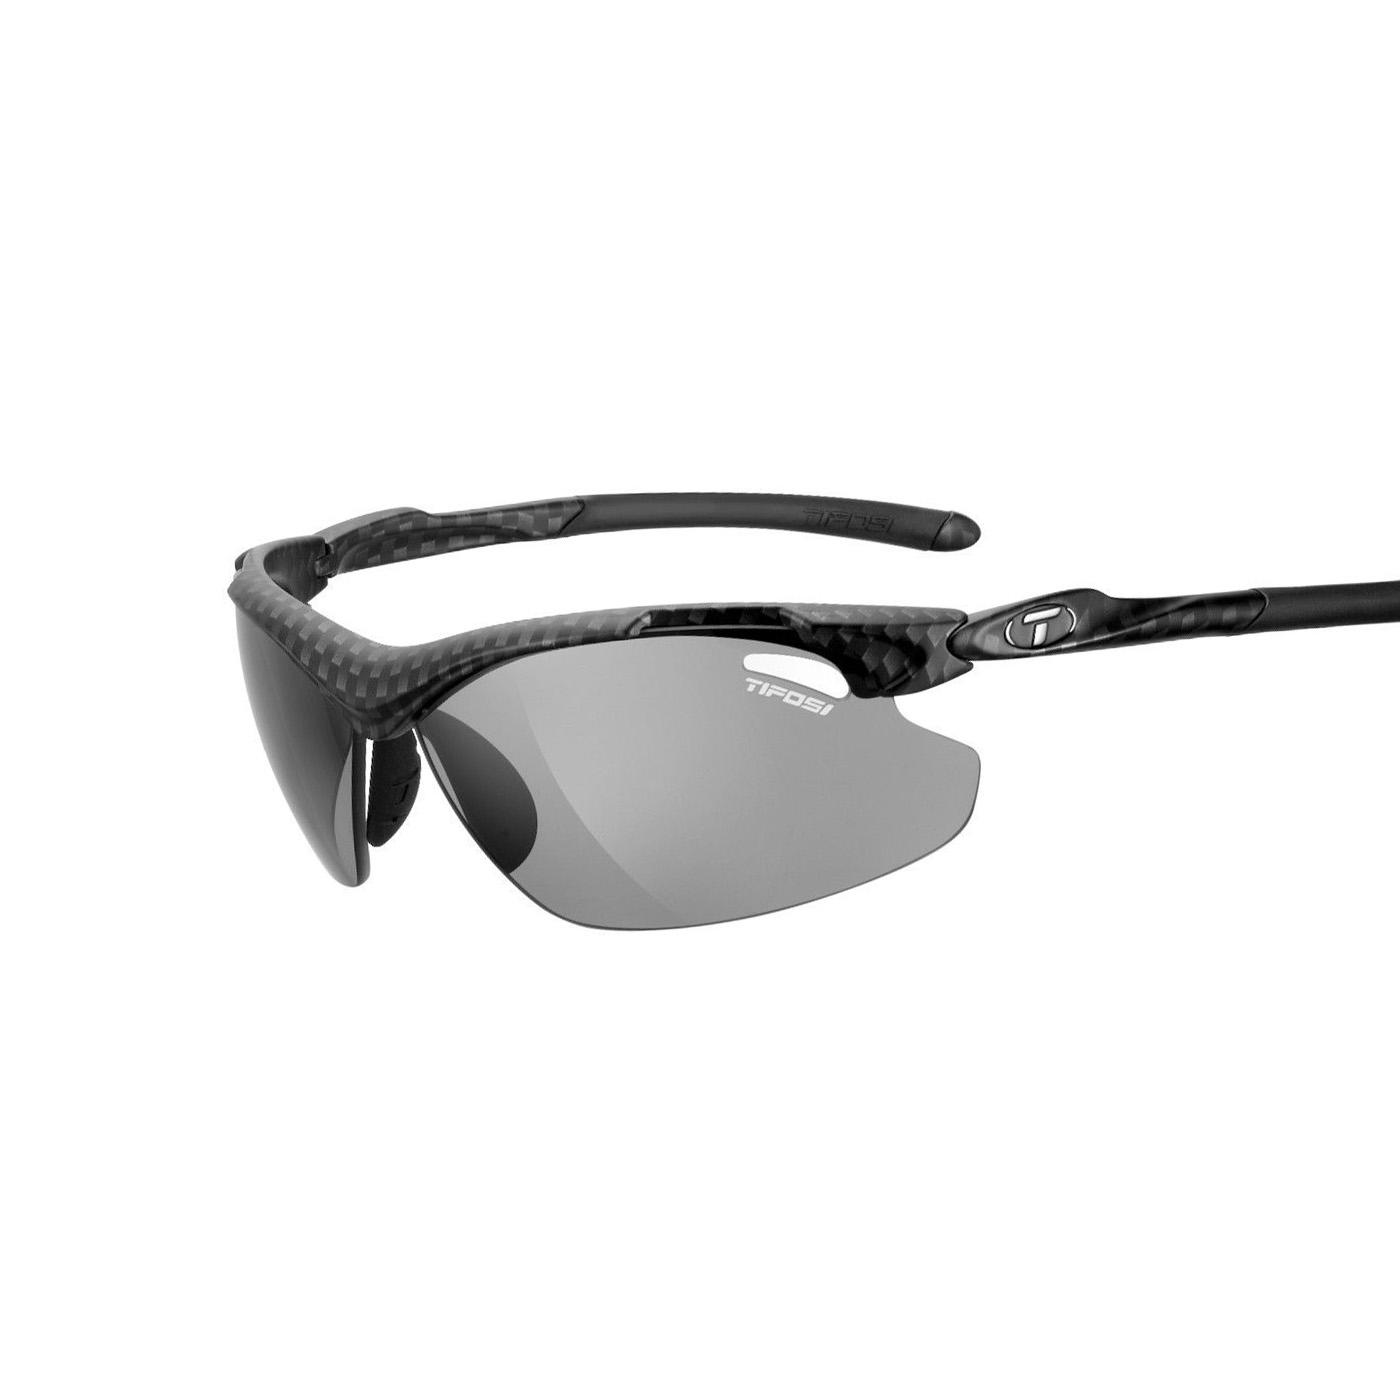 美国TIFOSI专业户外运动眼镜 偏光变色一体镜片系列骑行跑步登山垂钓户外运动眼镜太阳镜 Tyrant 2.0 烟灰色镜片